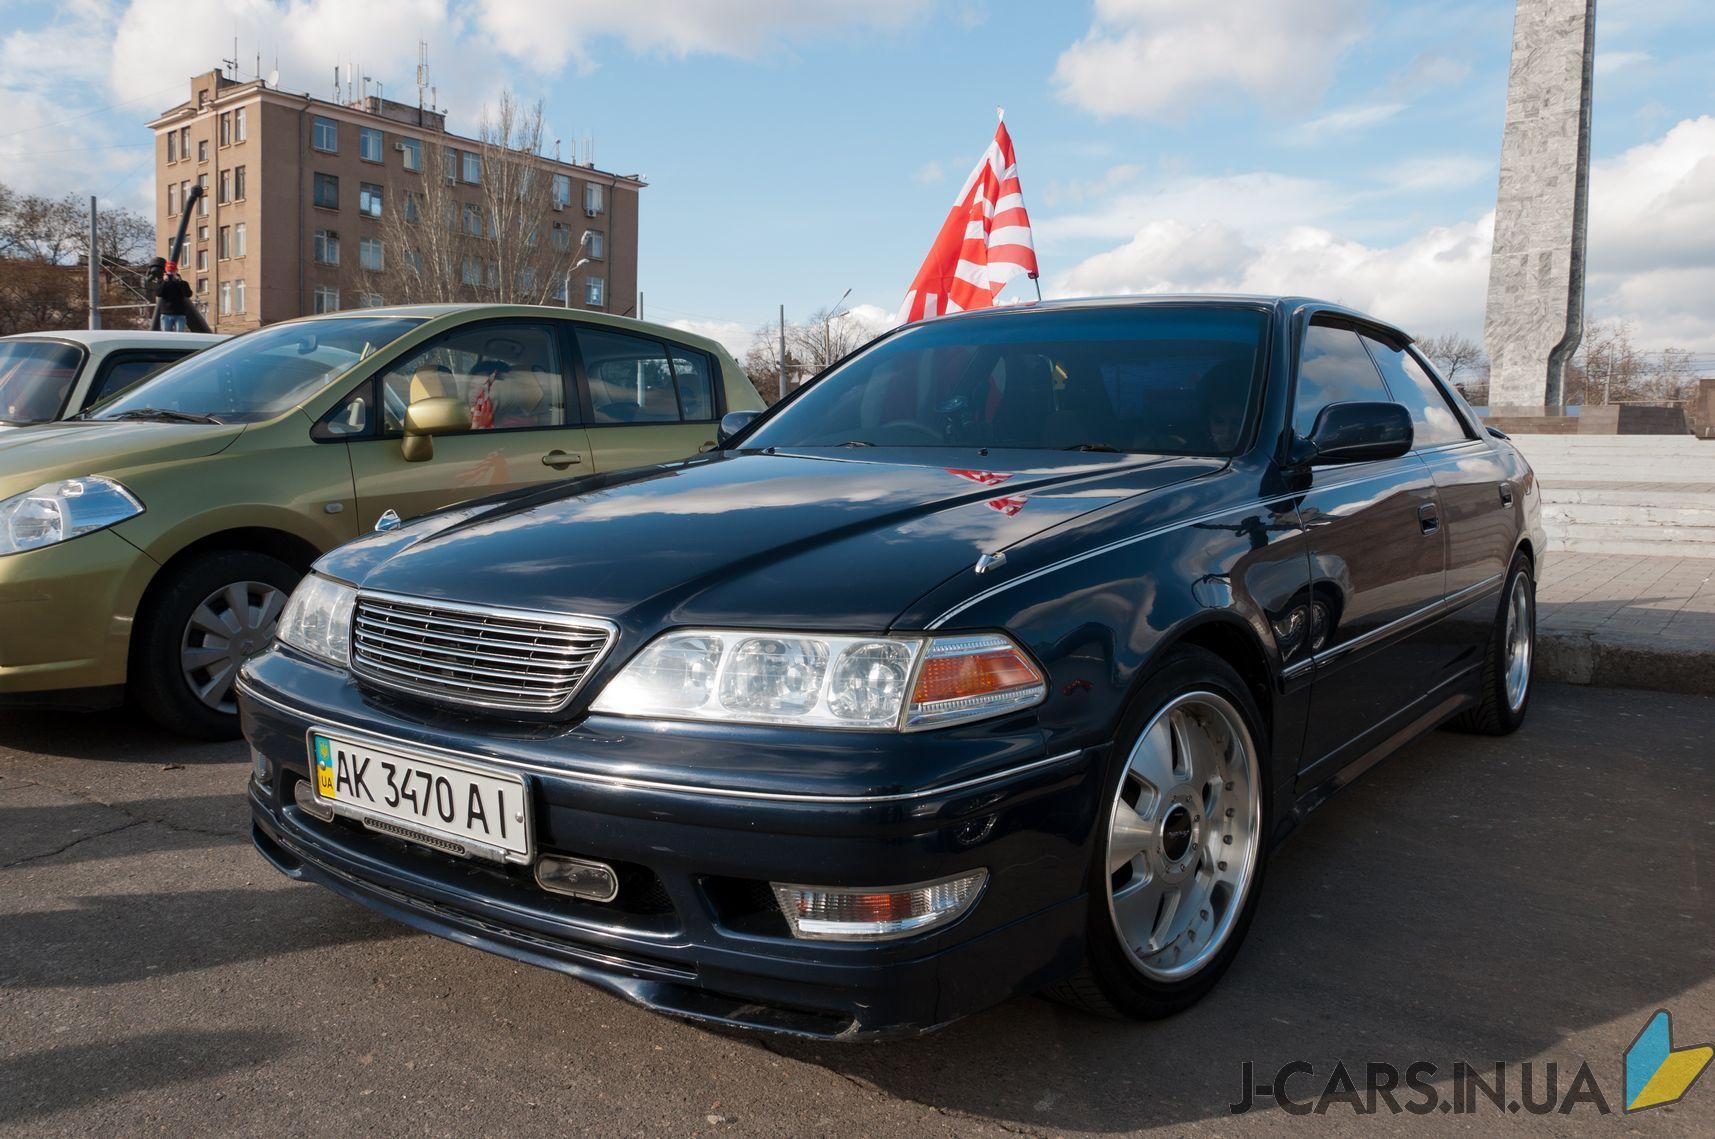 j-cars.in.ua toyota markii